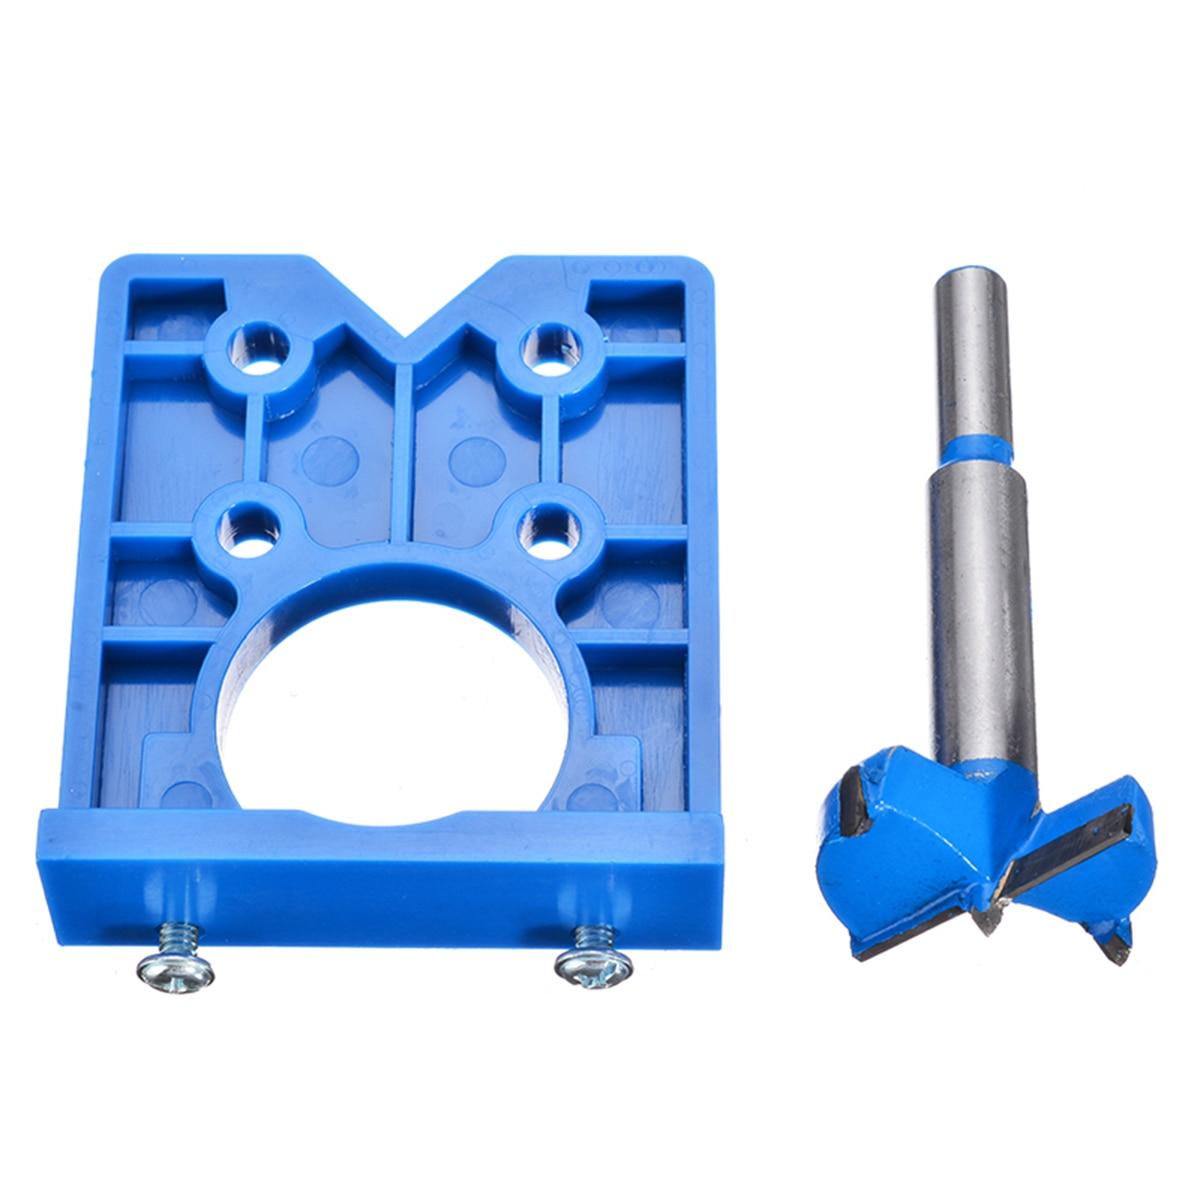 Деревообрабатывающий джиг 35 мм ABS скрытая петля отверстие джиг для кухонных дверей шкафа с сверлом инструмент петля отверстие джиг для стол...